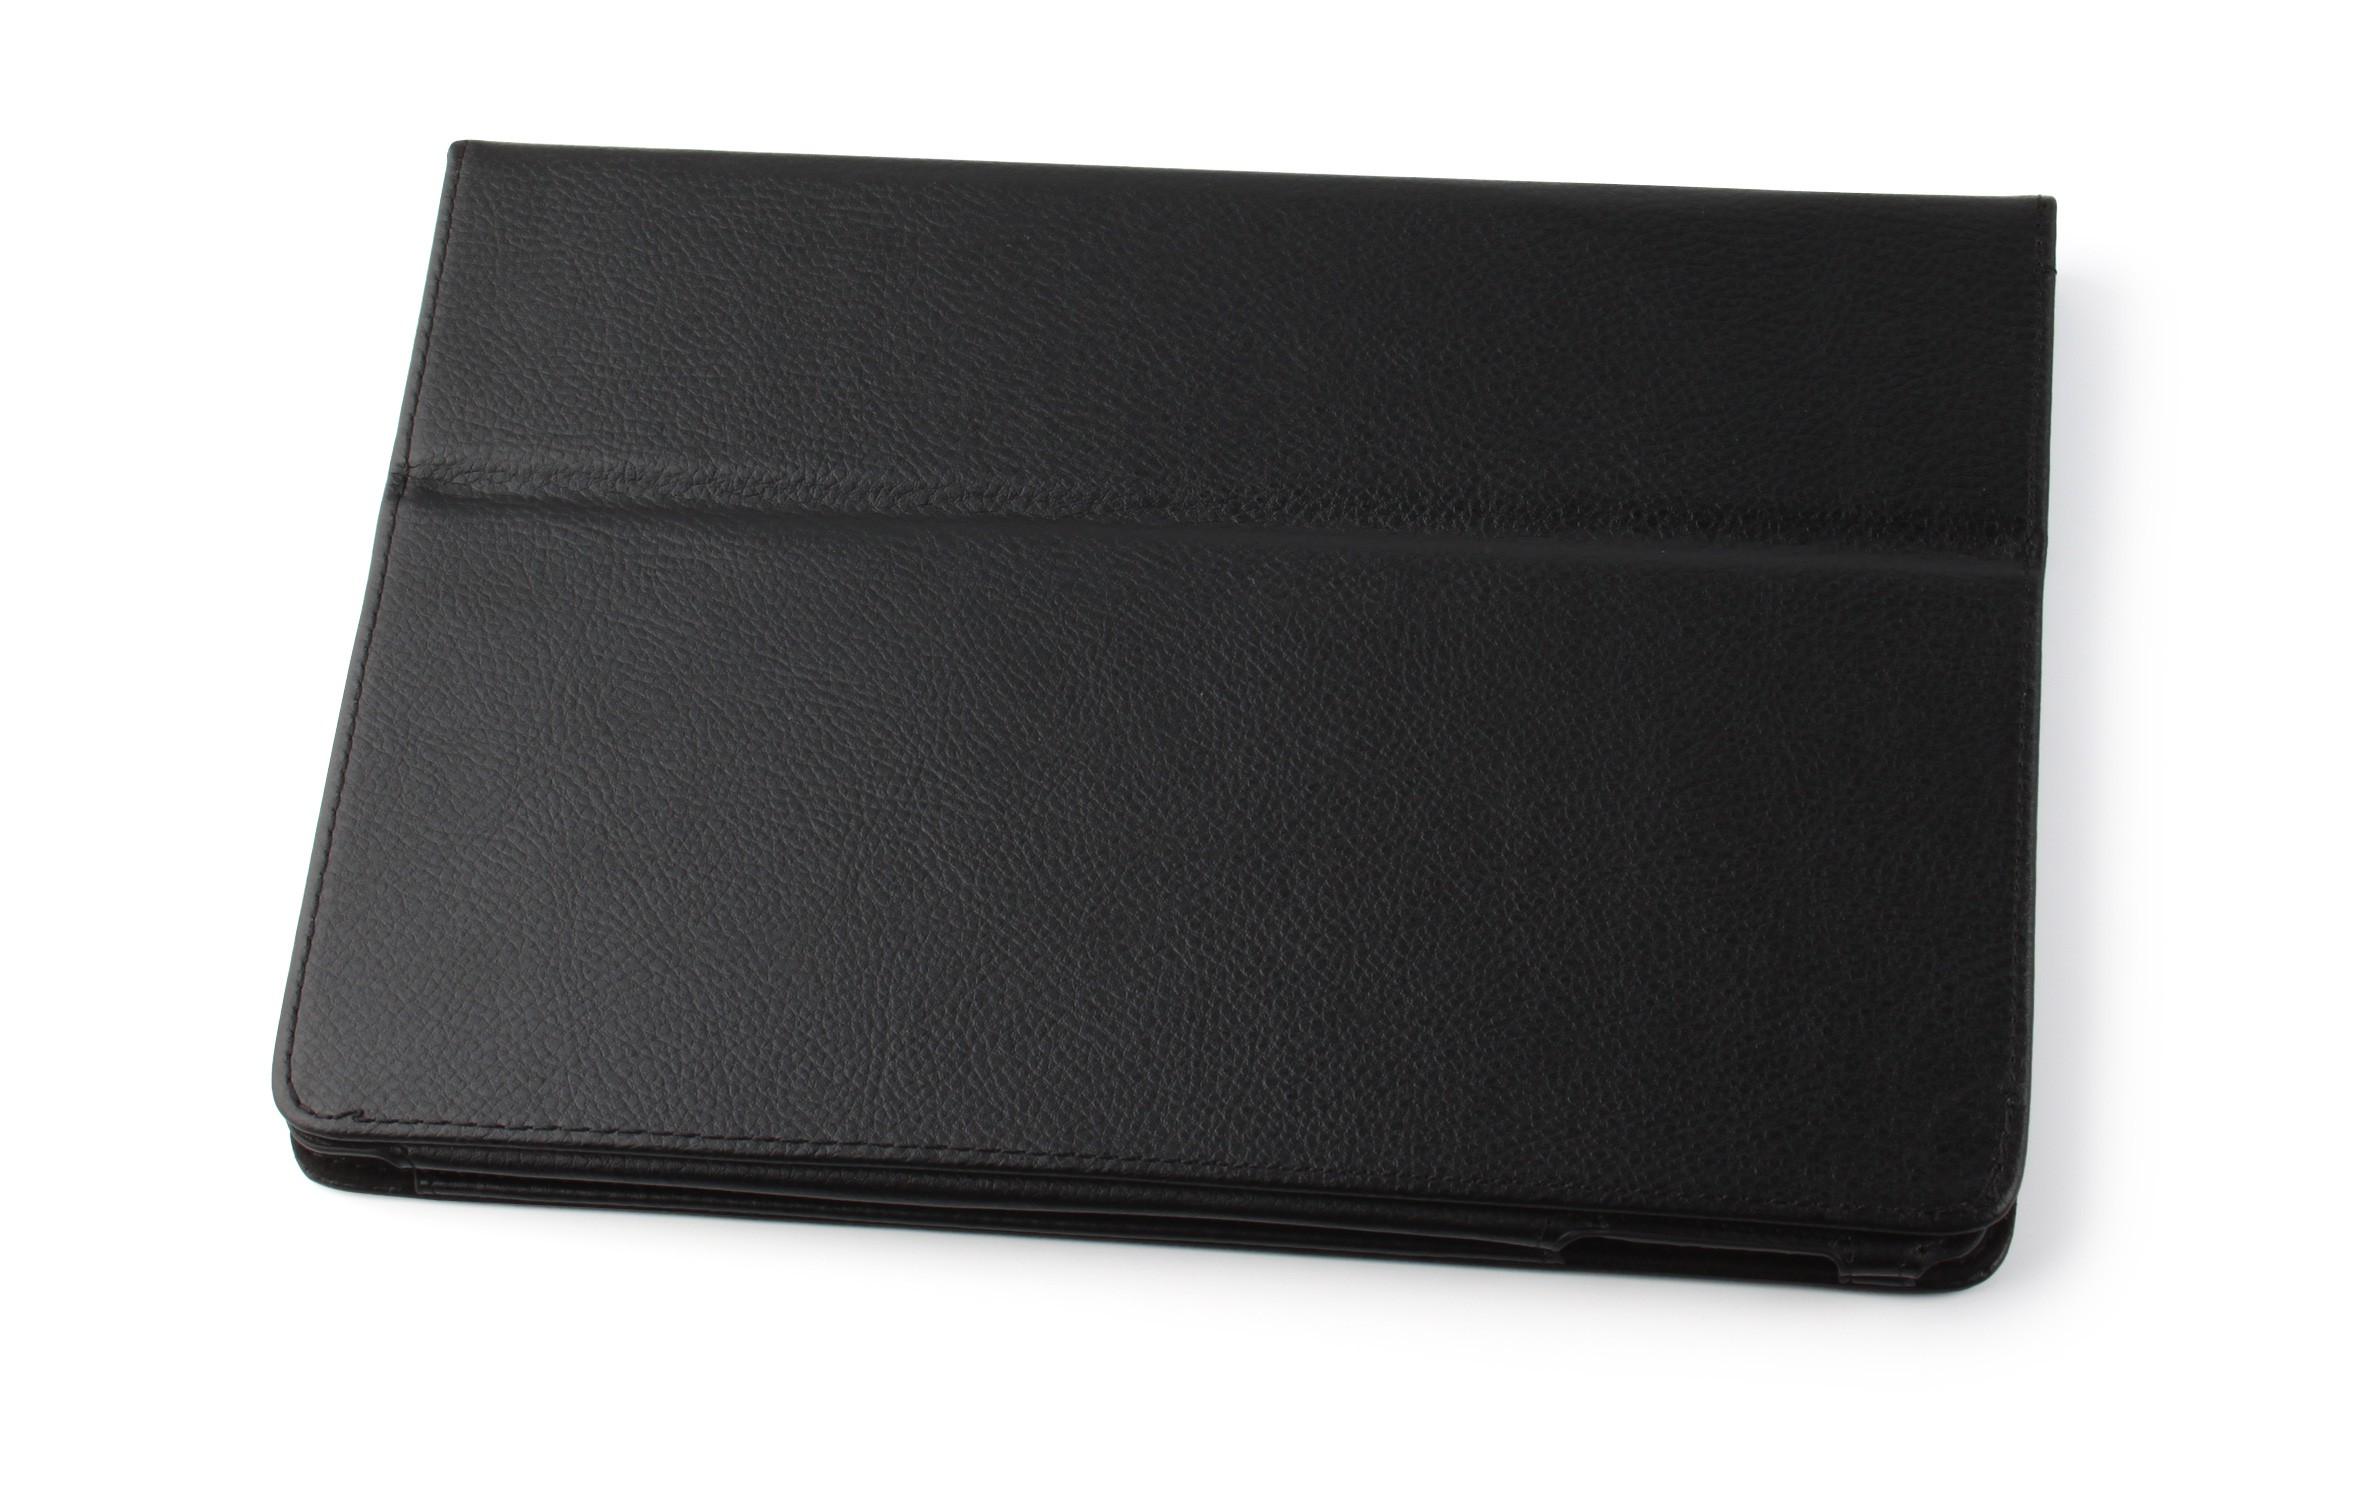 Купить Планшет Acer Iconia Tab W4821 32Gb 3G в каталоге